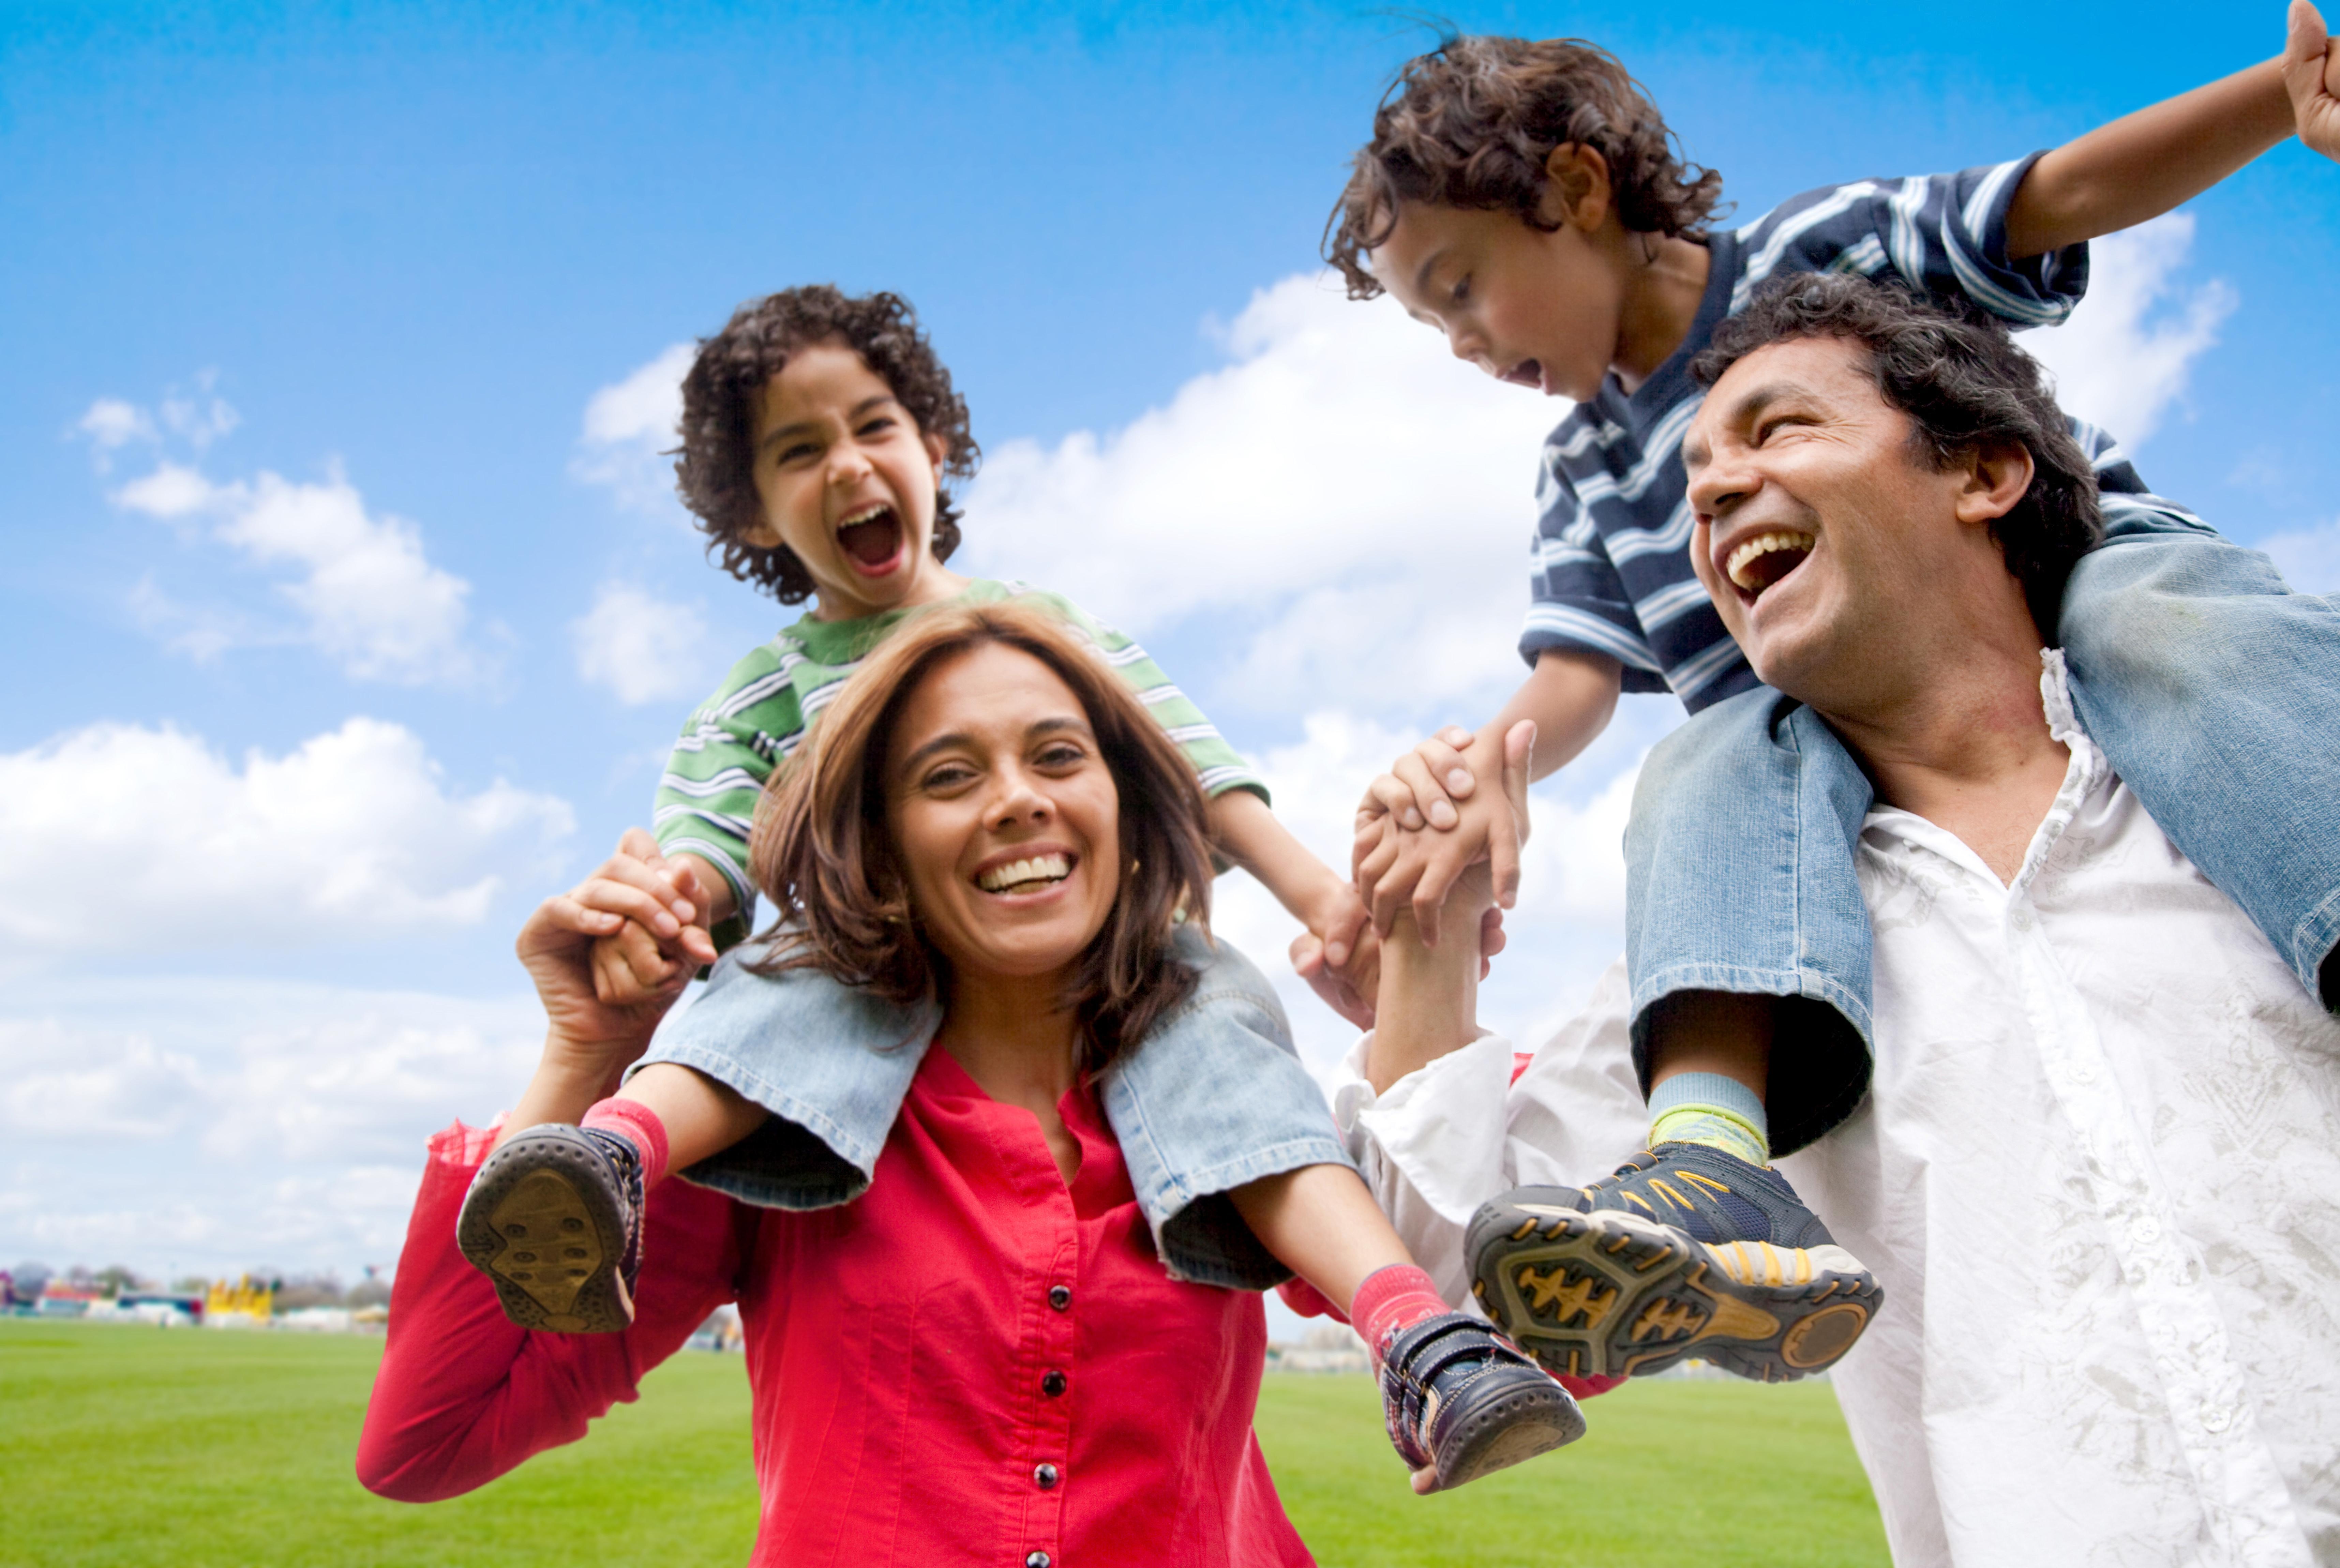 Todos los niños quieren una familia para ser felices